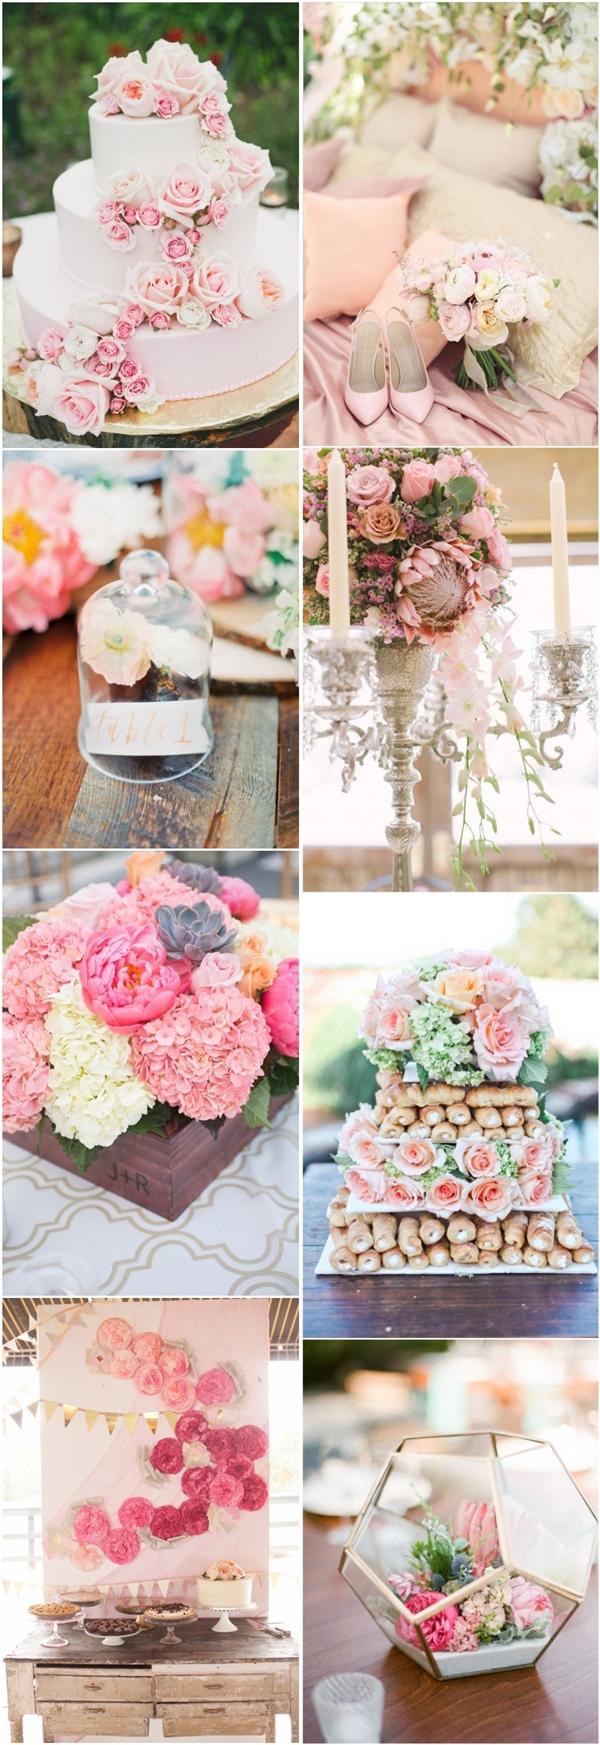 Peculiar Wedding Deer Spring Wedding Colors Purple Spring Wedding Colors Rustic Spring Summer Pink Wedding Color Ideas Romantic Pink Wedding Ideas wedding Spring Wedding Colors